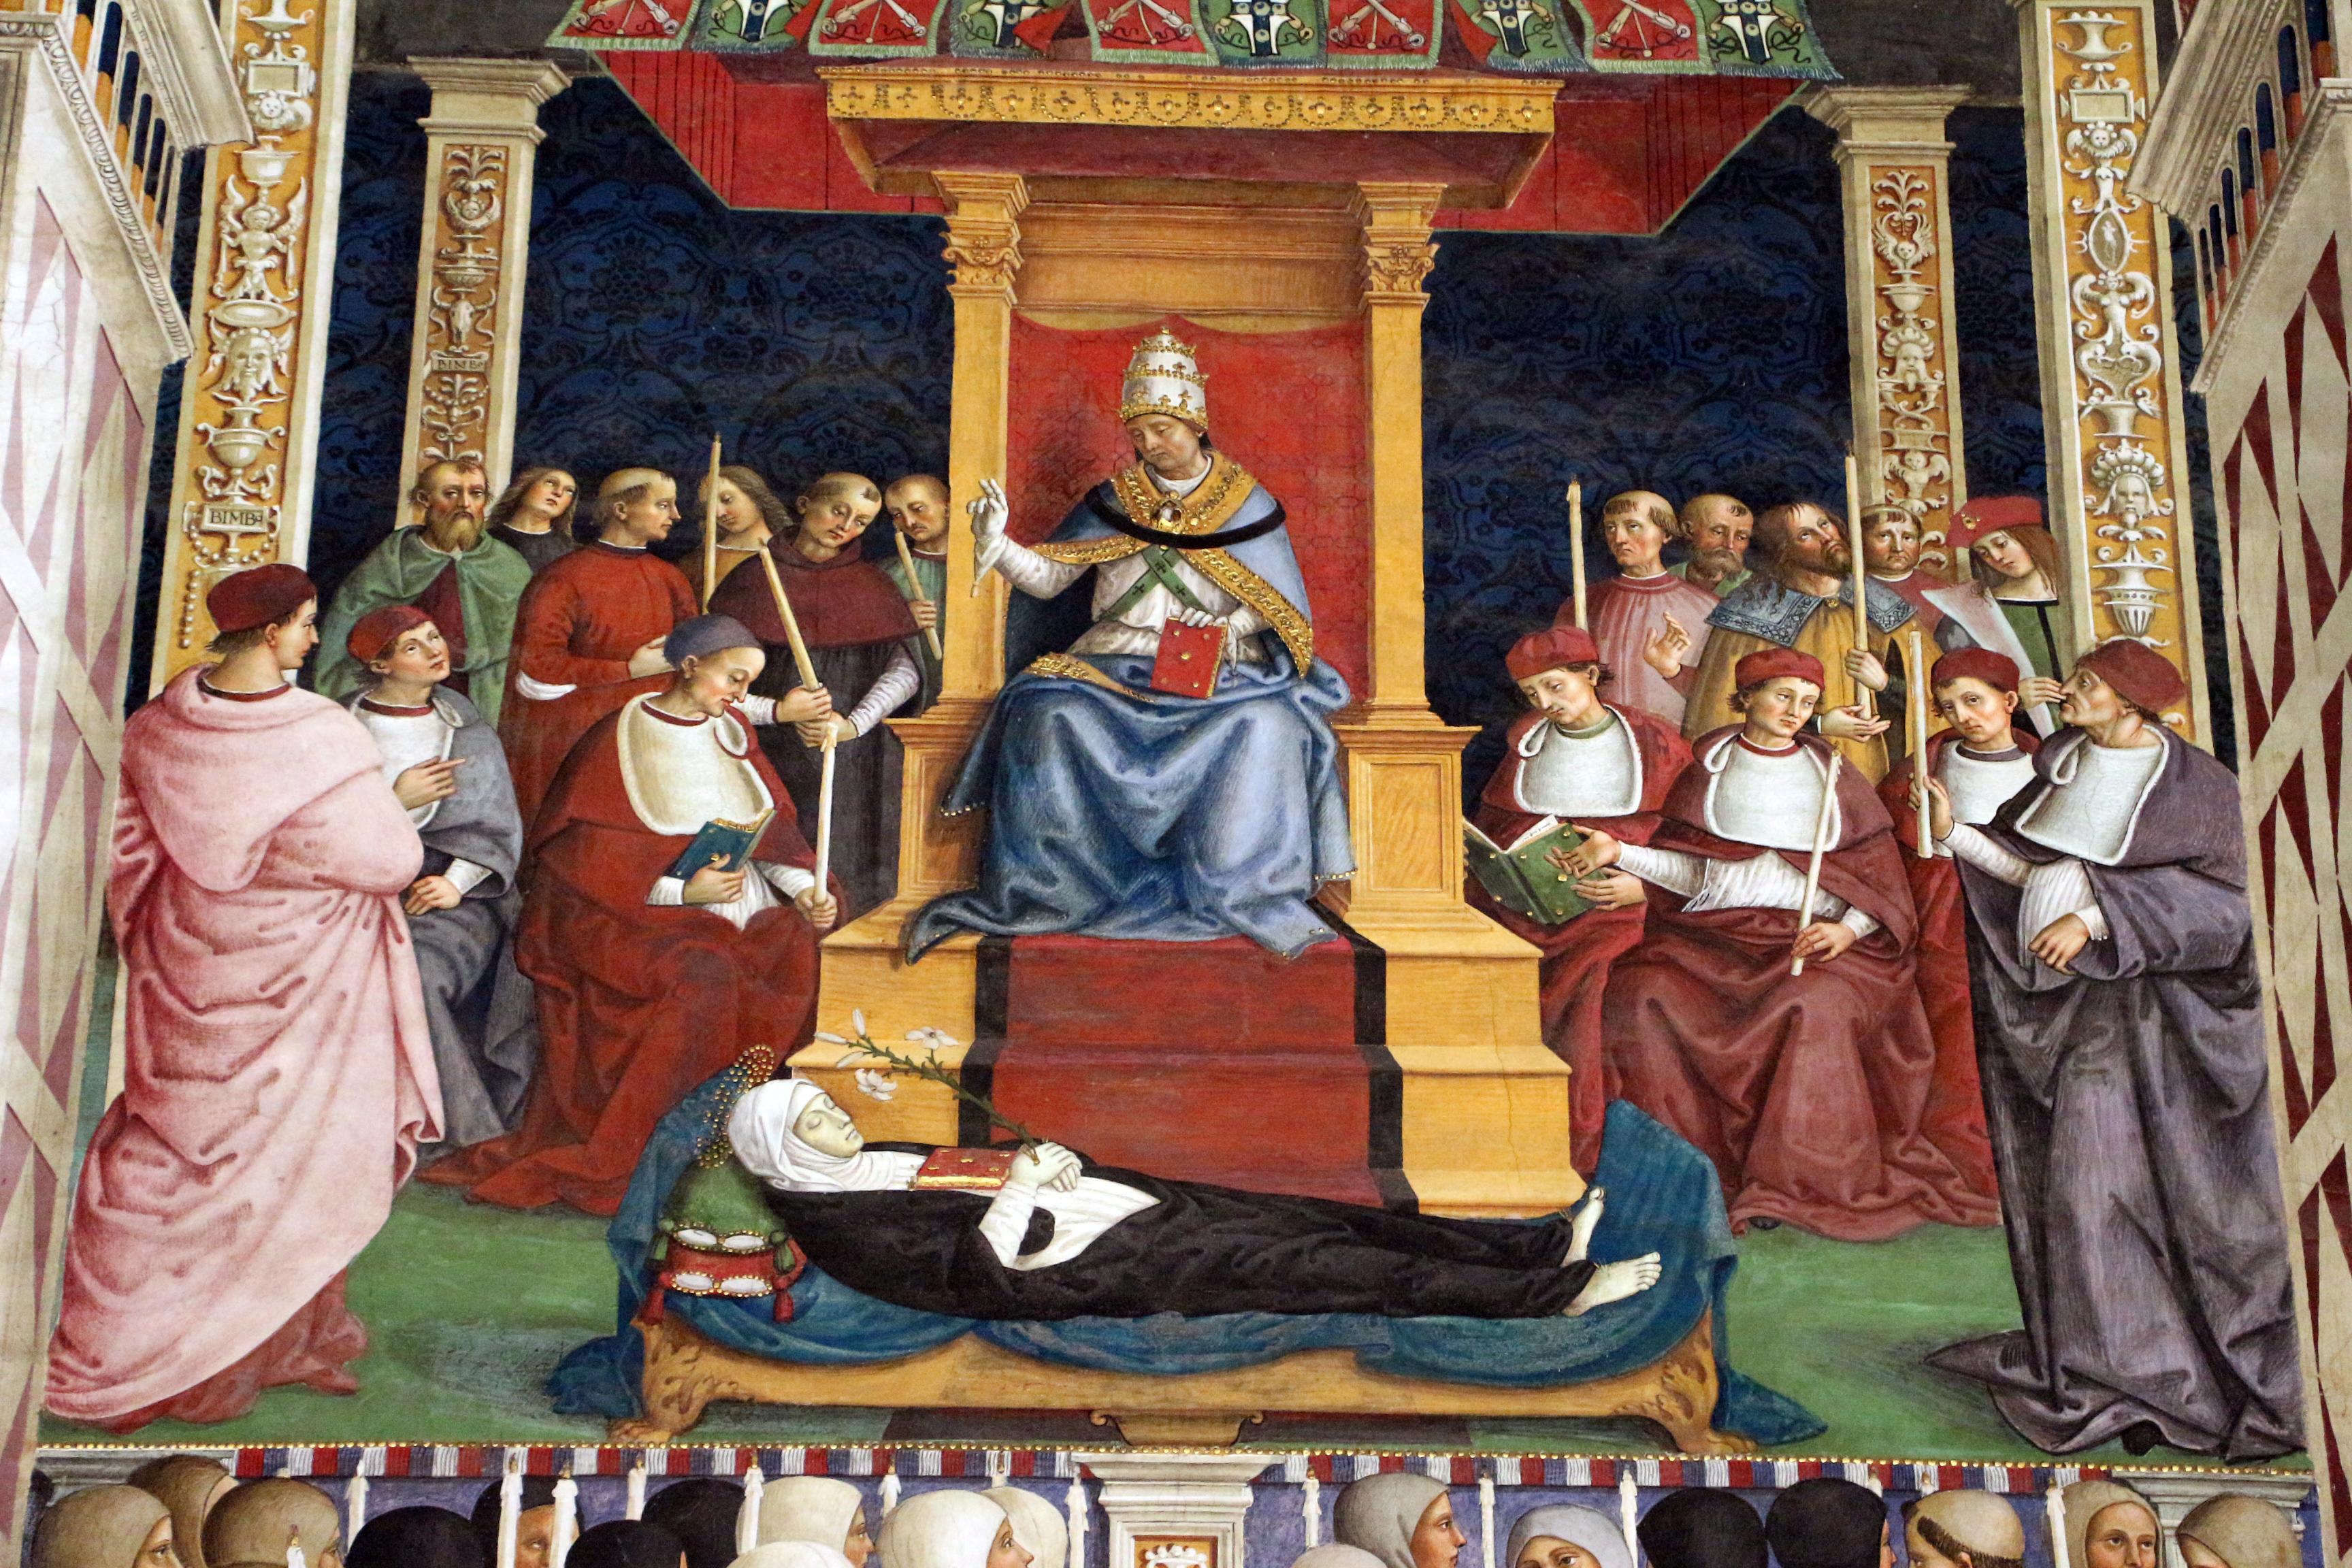 https://upload.wikimedia.org/wikipedia/commons/6/64/Pinturicchio%2C_liberia_piccolomini%2C_1502-07_circa%2C_Pio_II_canonizza_santa_Caterina_da_Siena_02.JPG